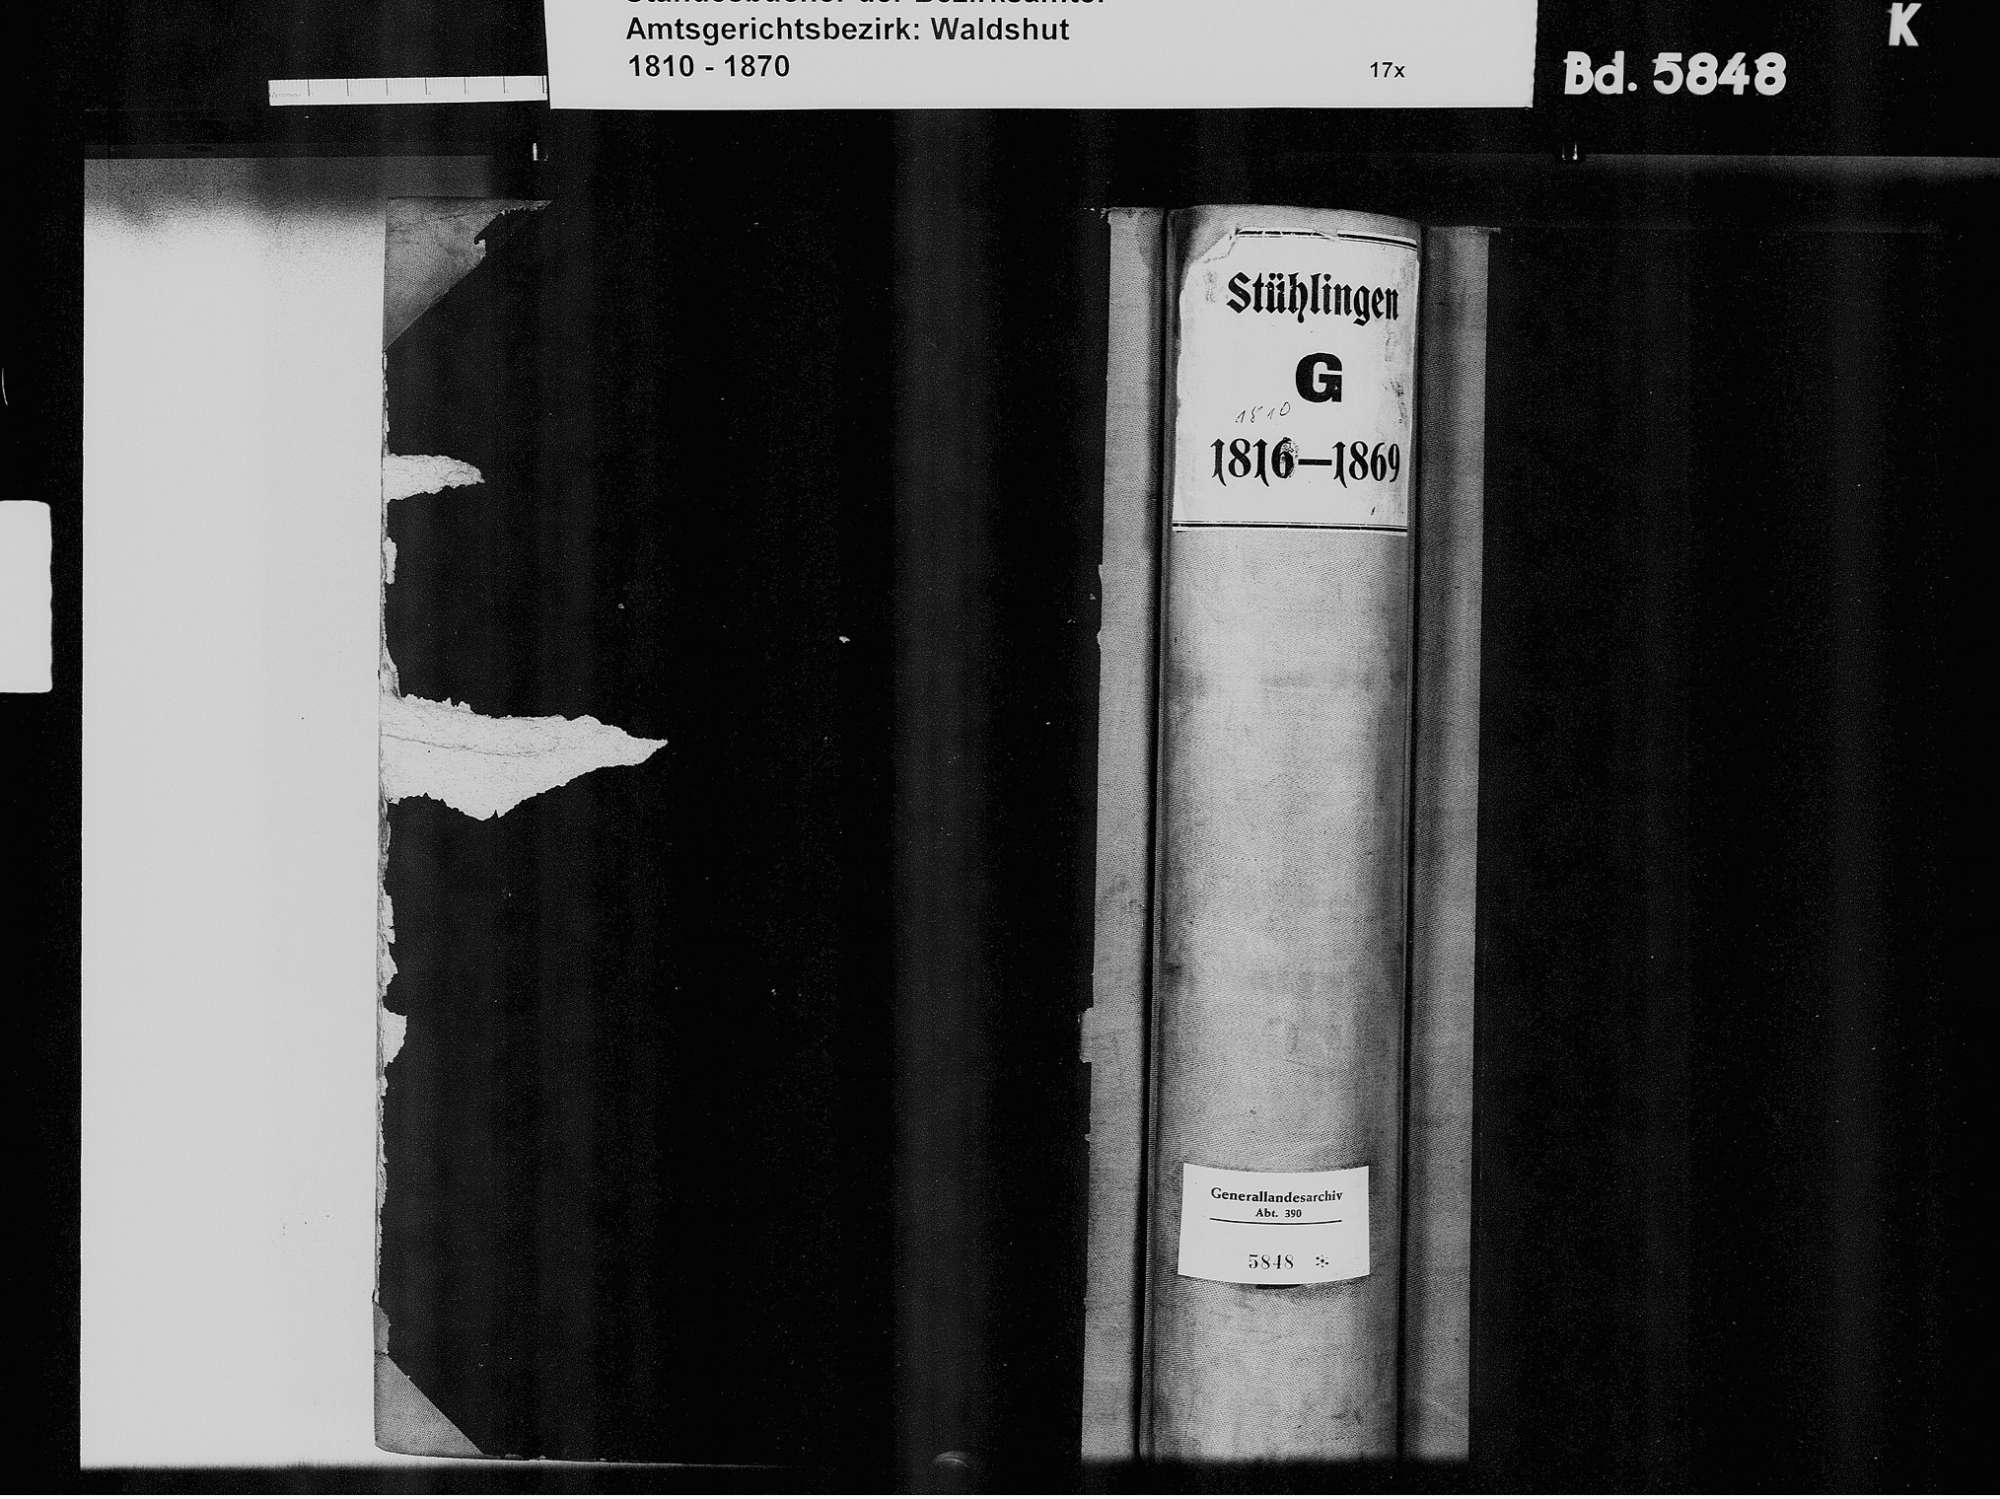 Stühlingen WT; Katholische Gemeinde: Geburtenbuch 1810-1869 Stühlingen WT; Katholische Gemeinde: Heiratsbuch 1820, Bild 2